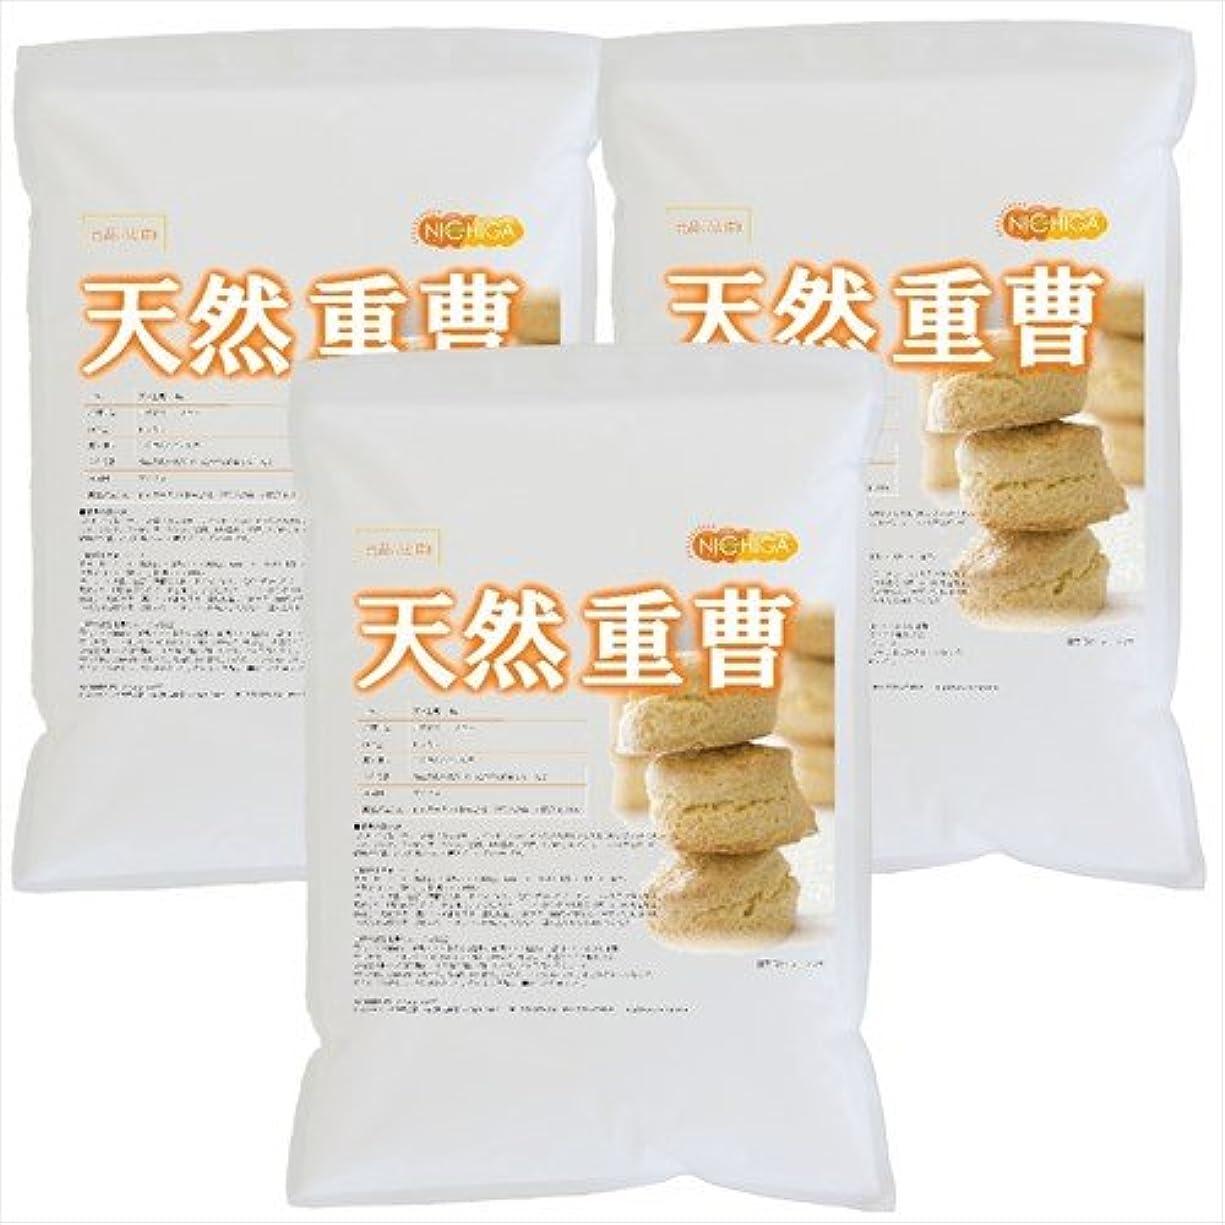 早熟偽物明快天然 重曹 5kg×3袋 [02] 炭酸水素ナトリウム 食品添加物(食品用)NICHIGA(ニチガ)